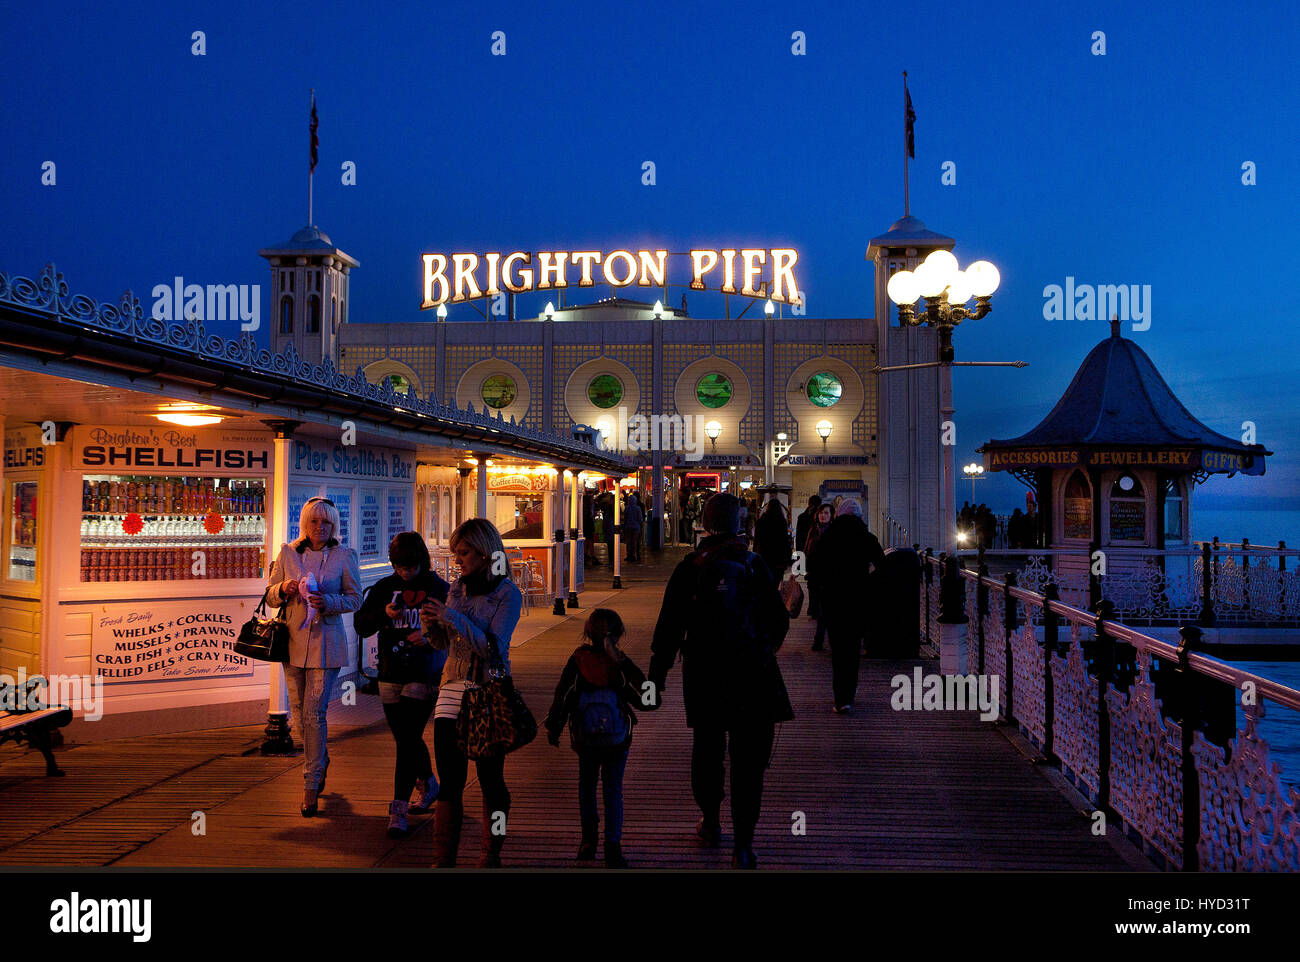 Brighton Pier at night - Stock Image